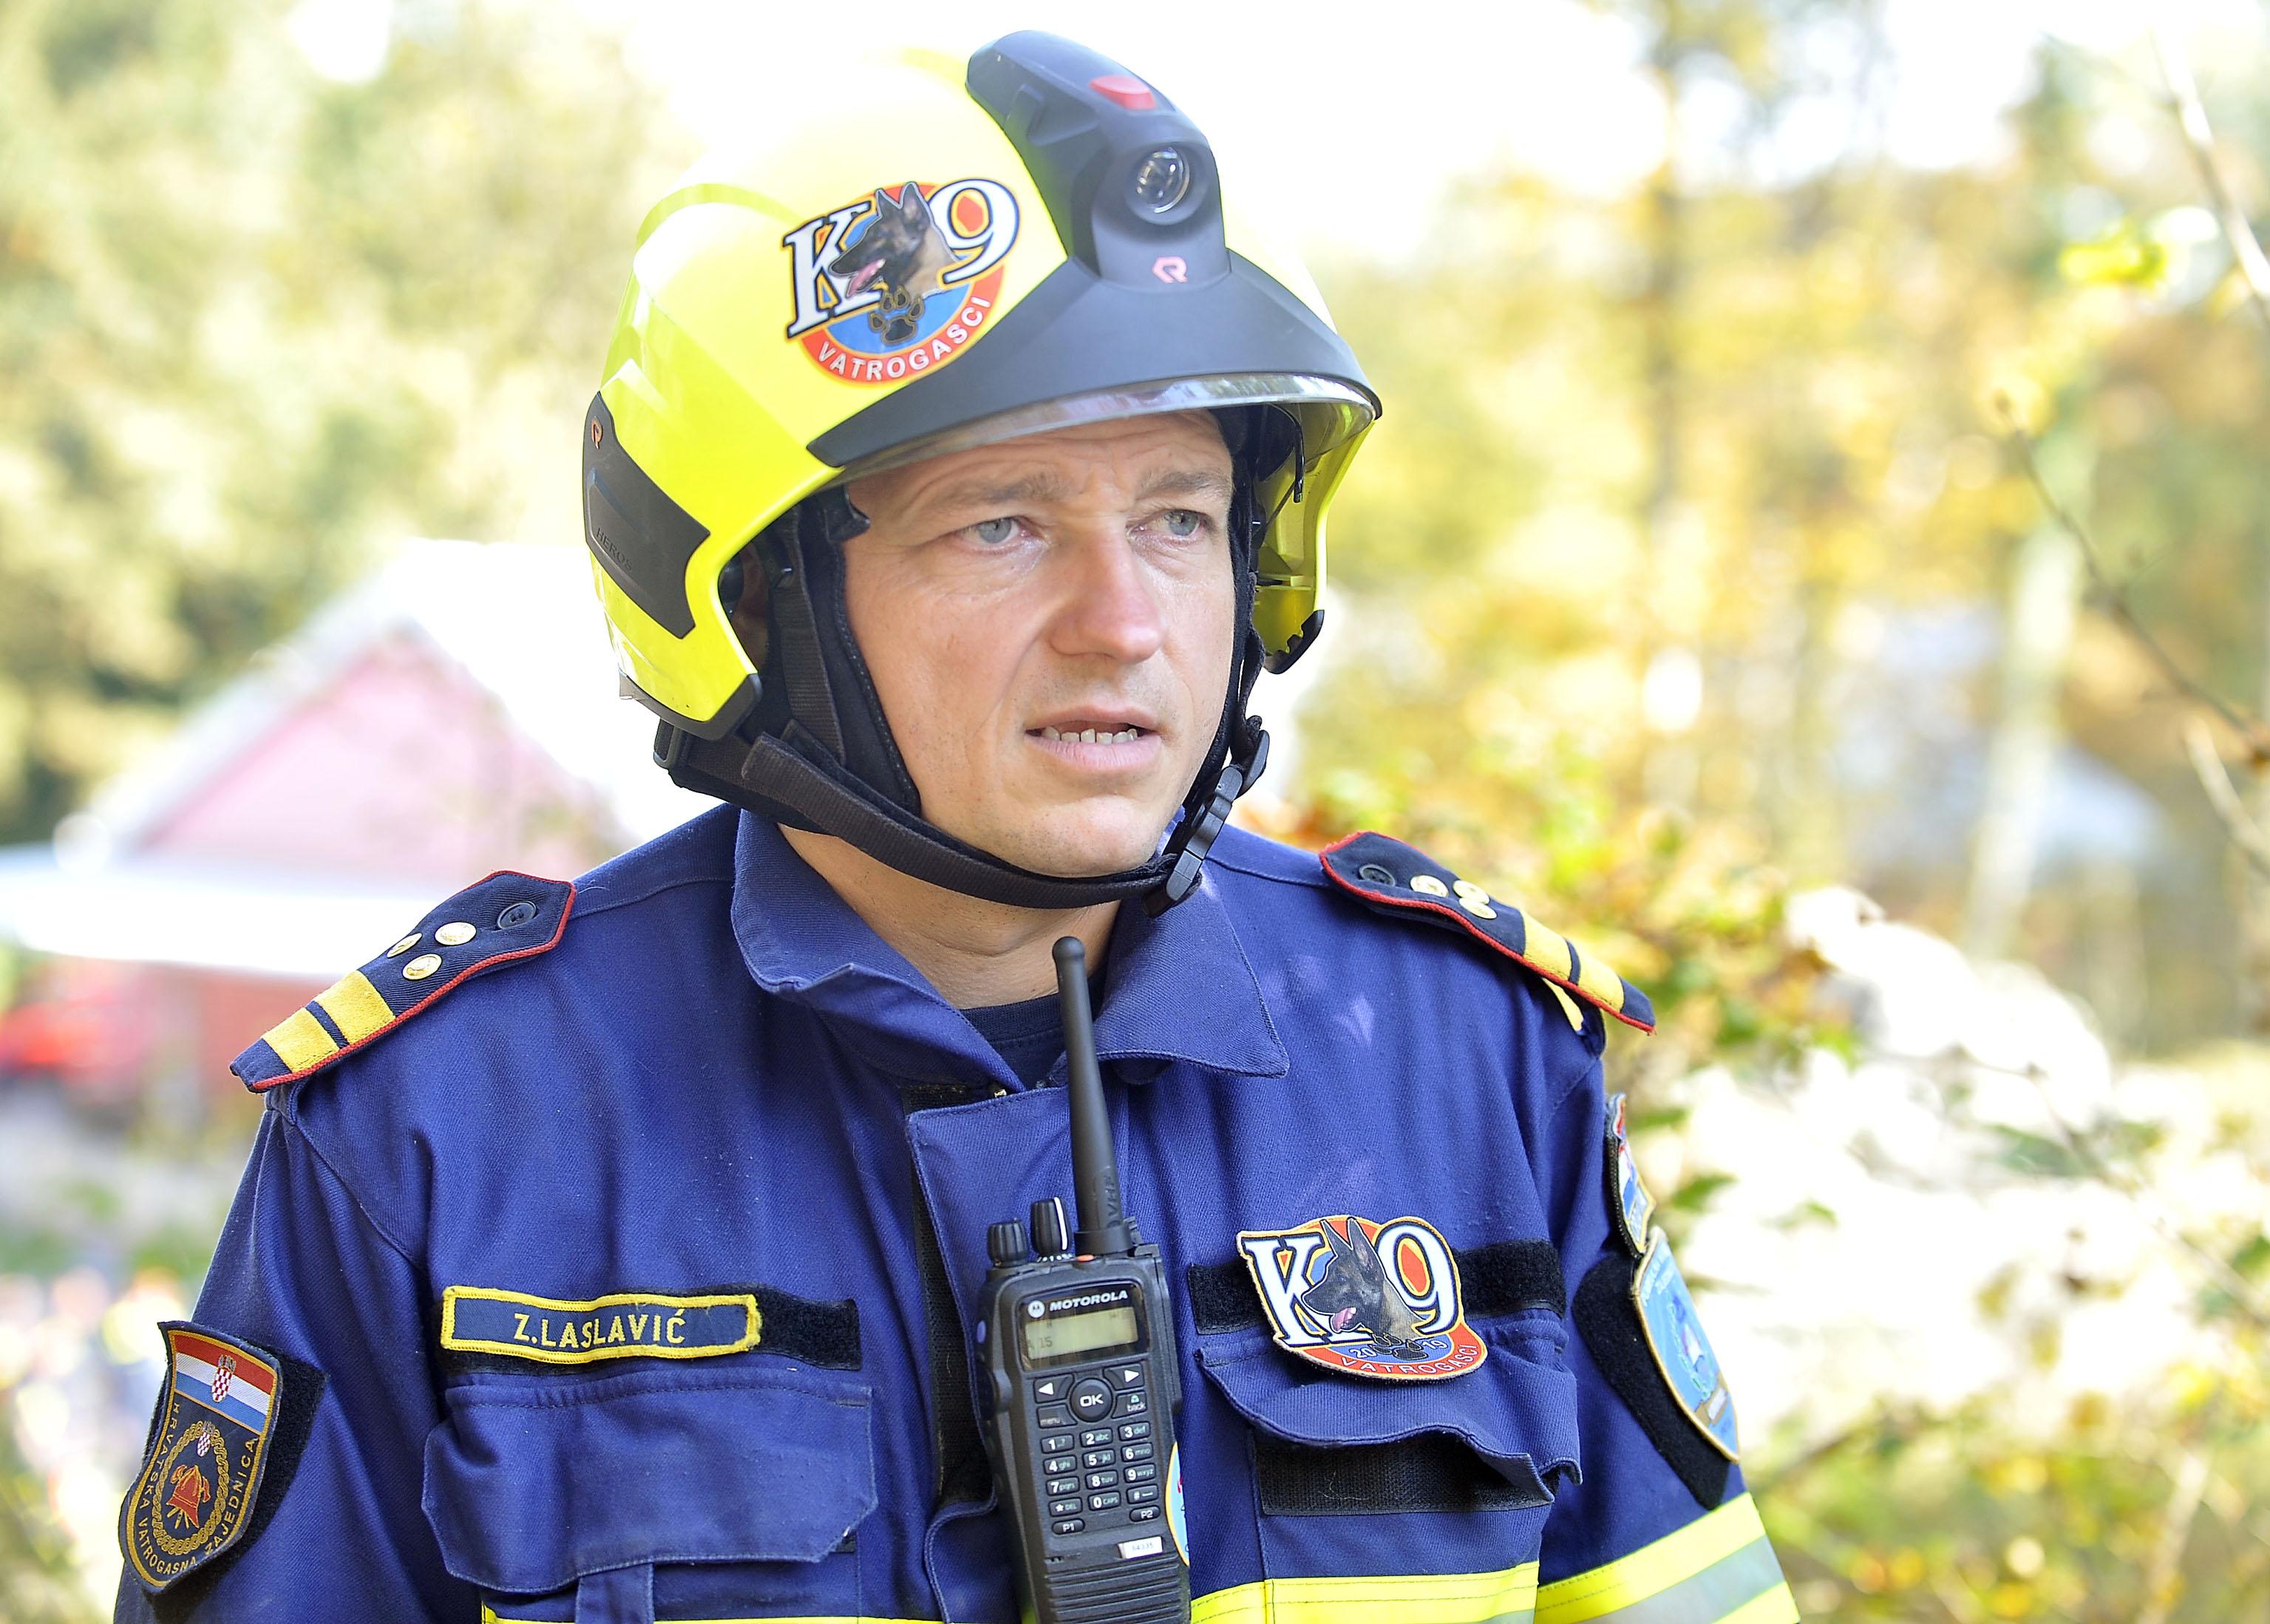 psi spasitelji, pas Sparky, DVD Kras Šapjane, vatrogasni tim K-9, Zoran Laslavić, snimio Vedran KARUZA